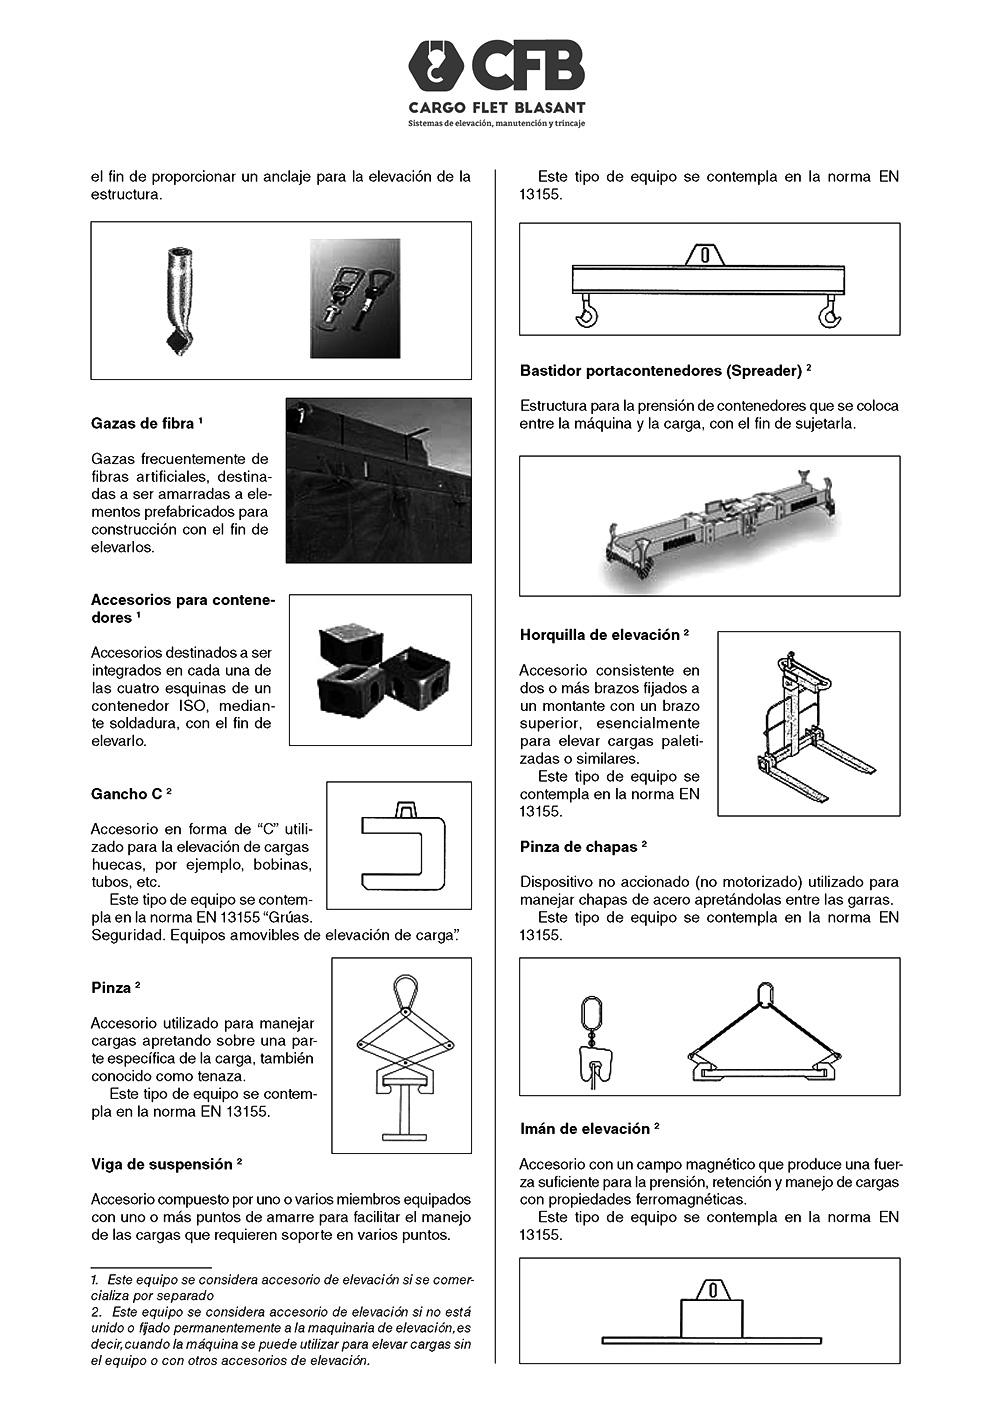 CONSEJOS PARA LA ELEVACIÓN DE GRANDES CARGAS 2